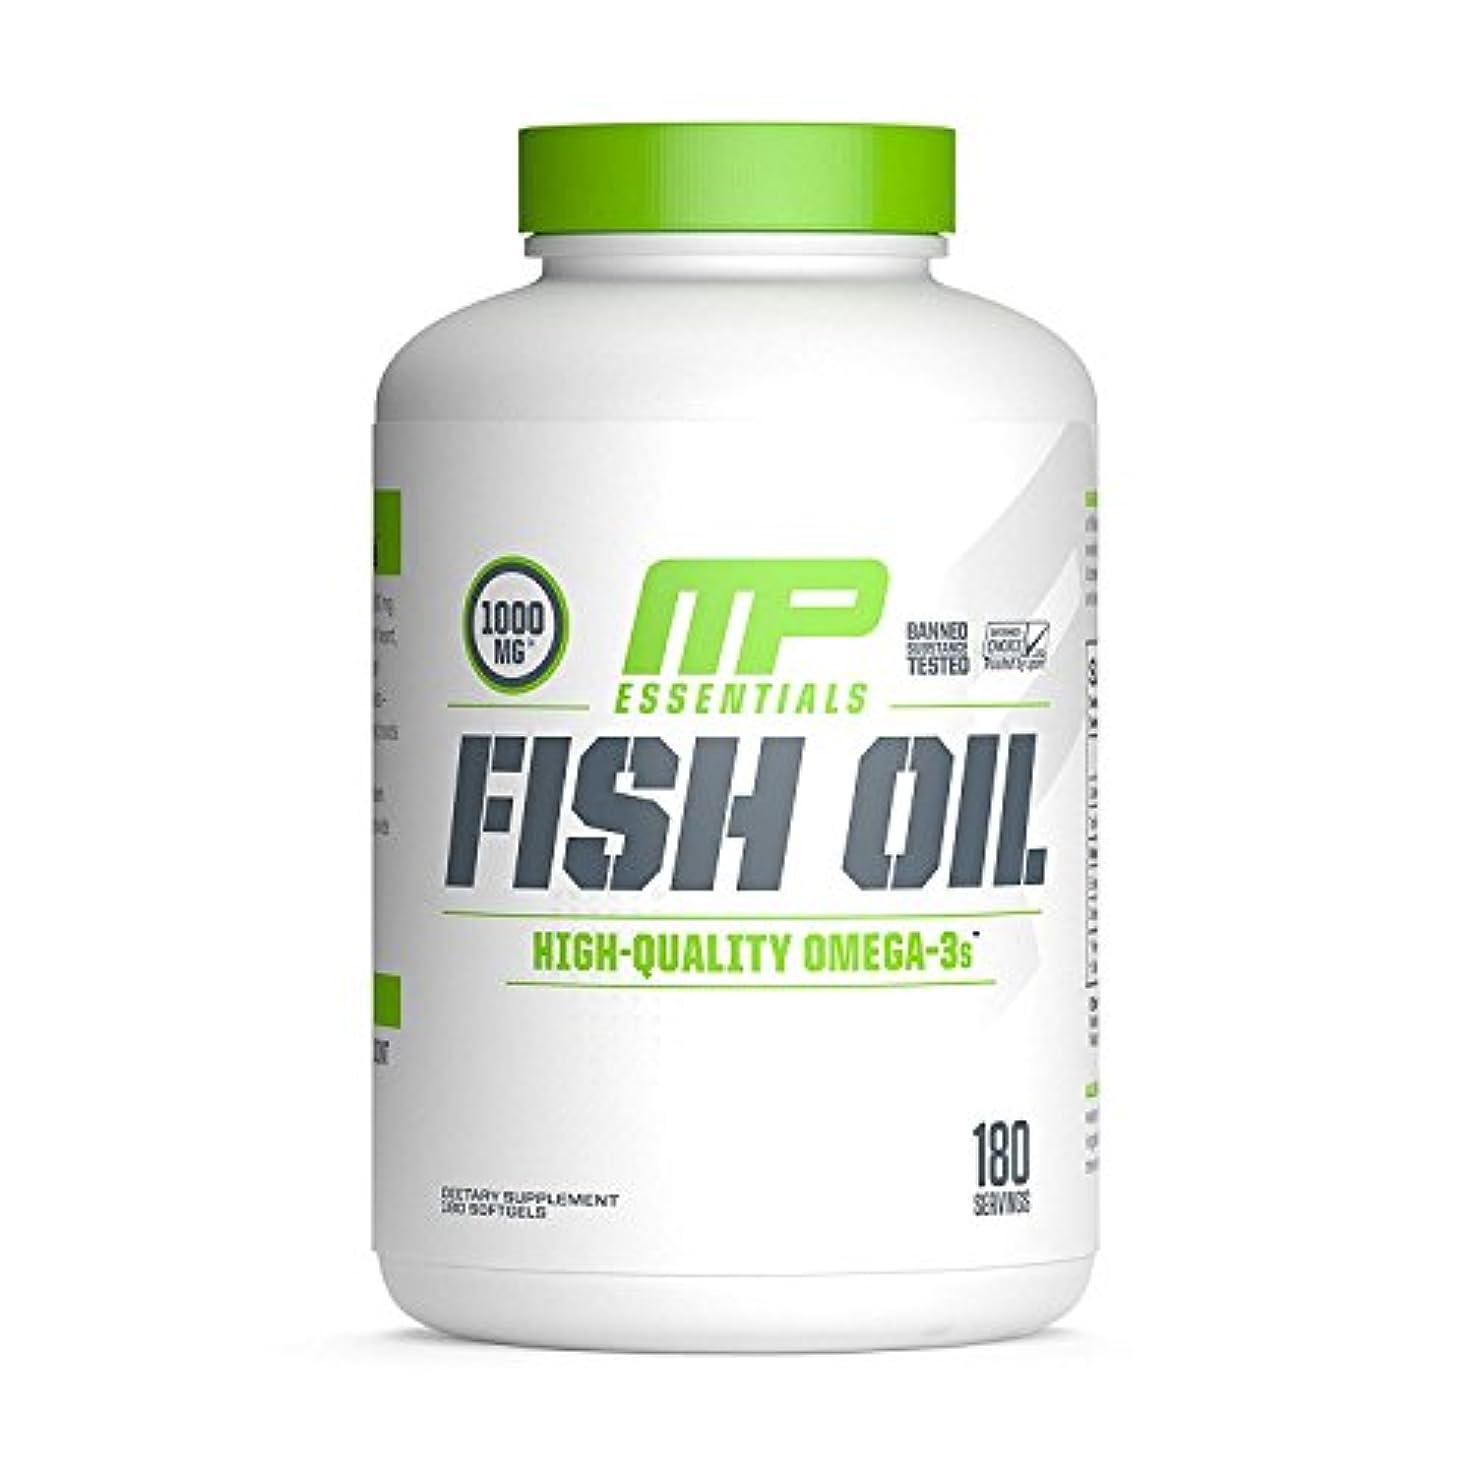 報復だます争う海外直送品 MusclePharm, Fish Oil Essentials 180 Servings [並行輸入品]